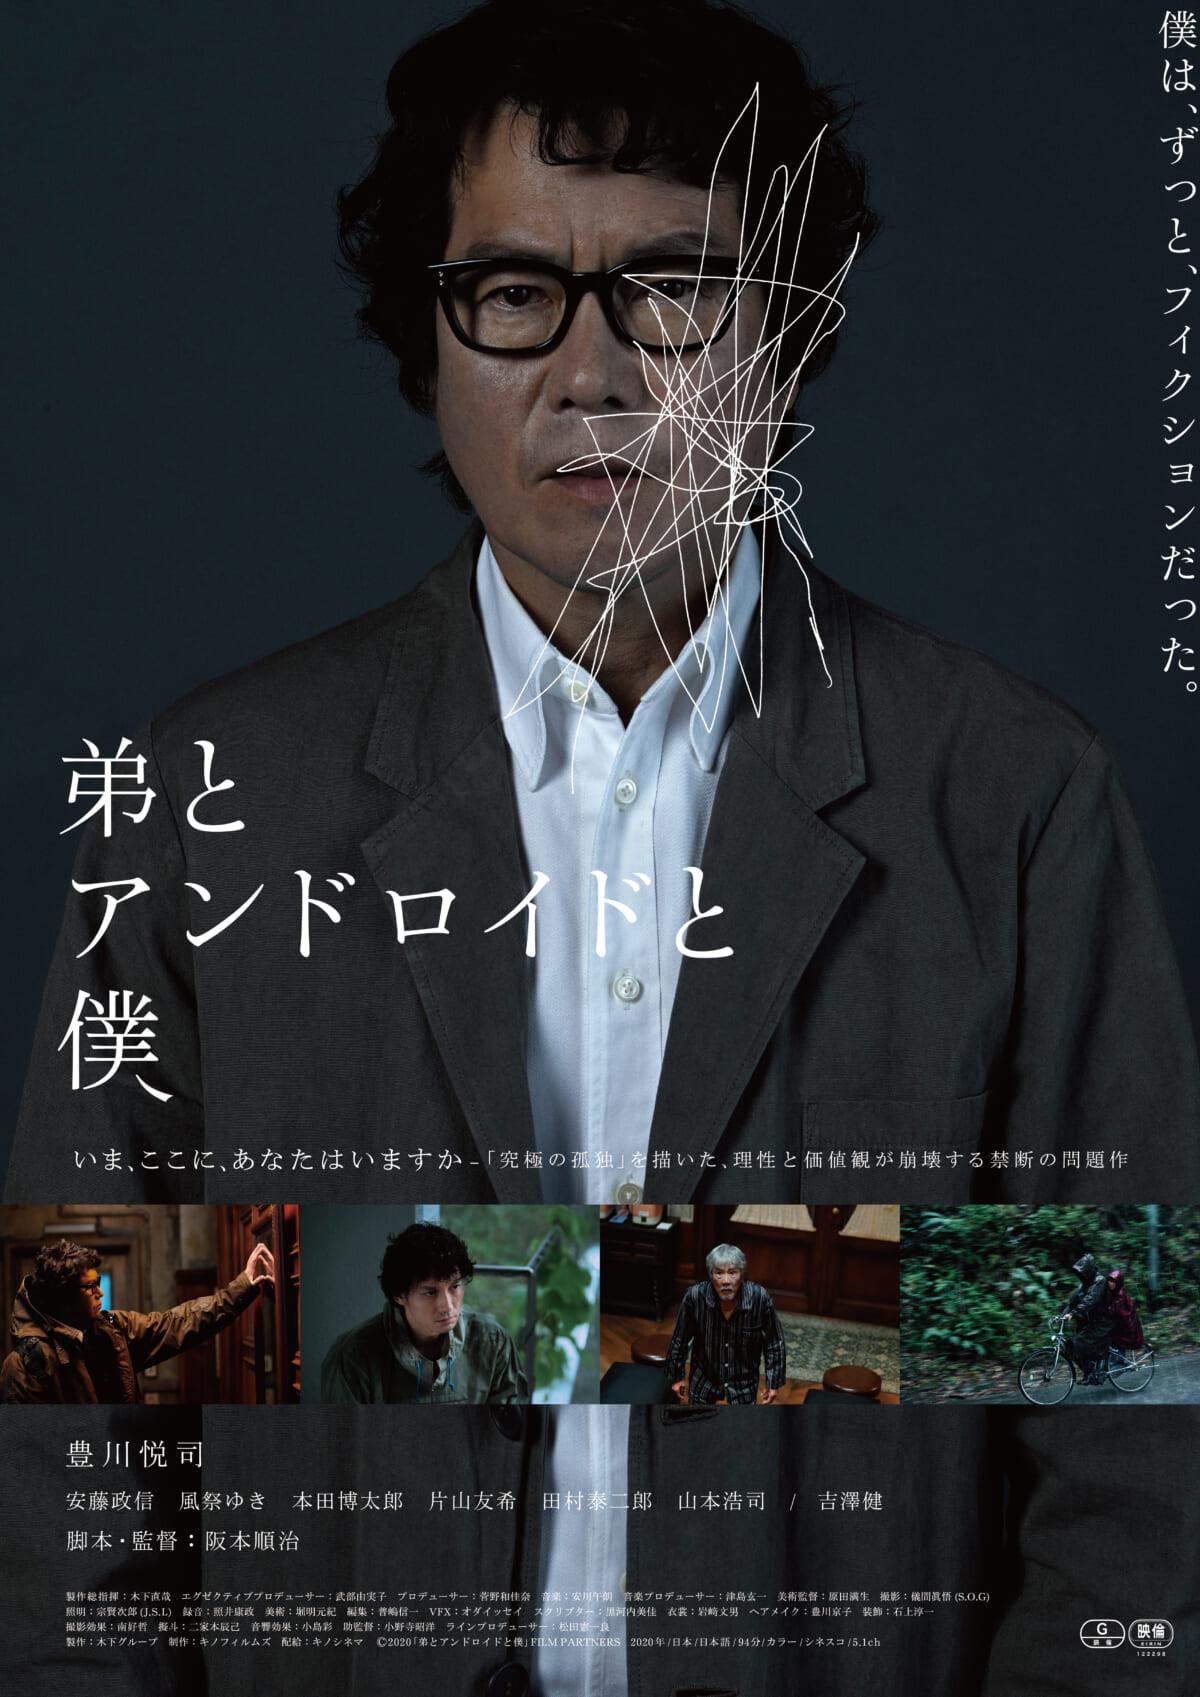 © 2020「弟とアンドロイドと僕」FILM PARTNERS